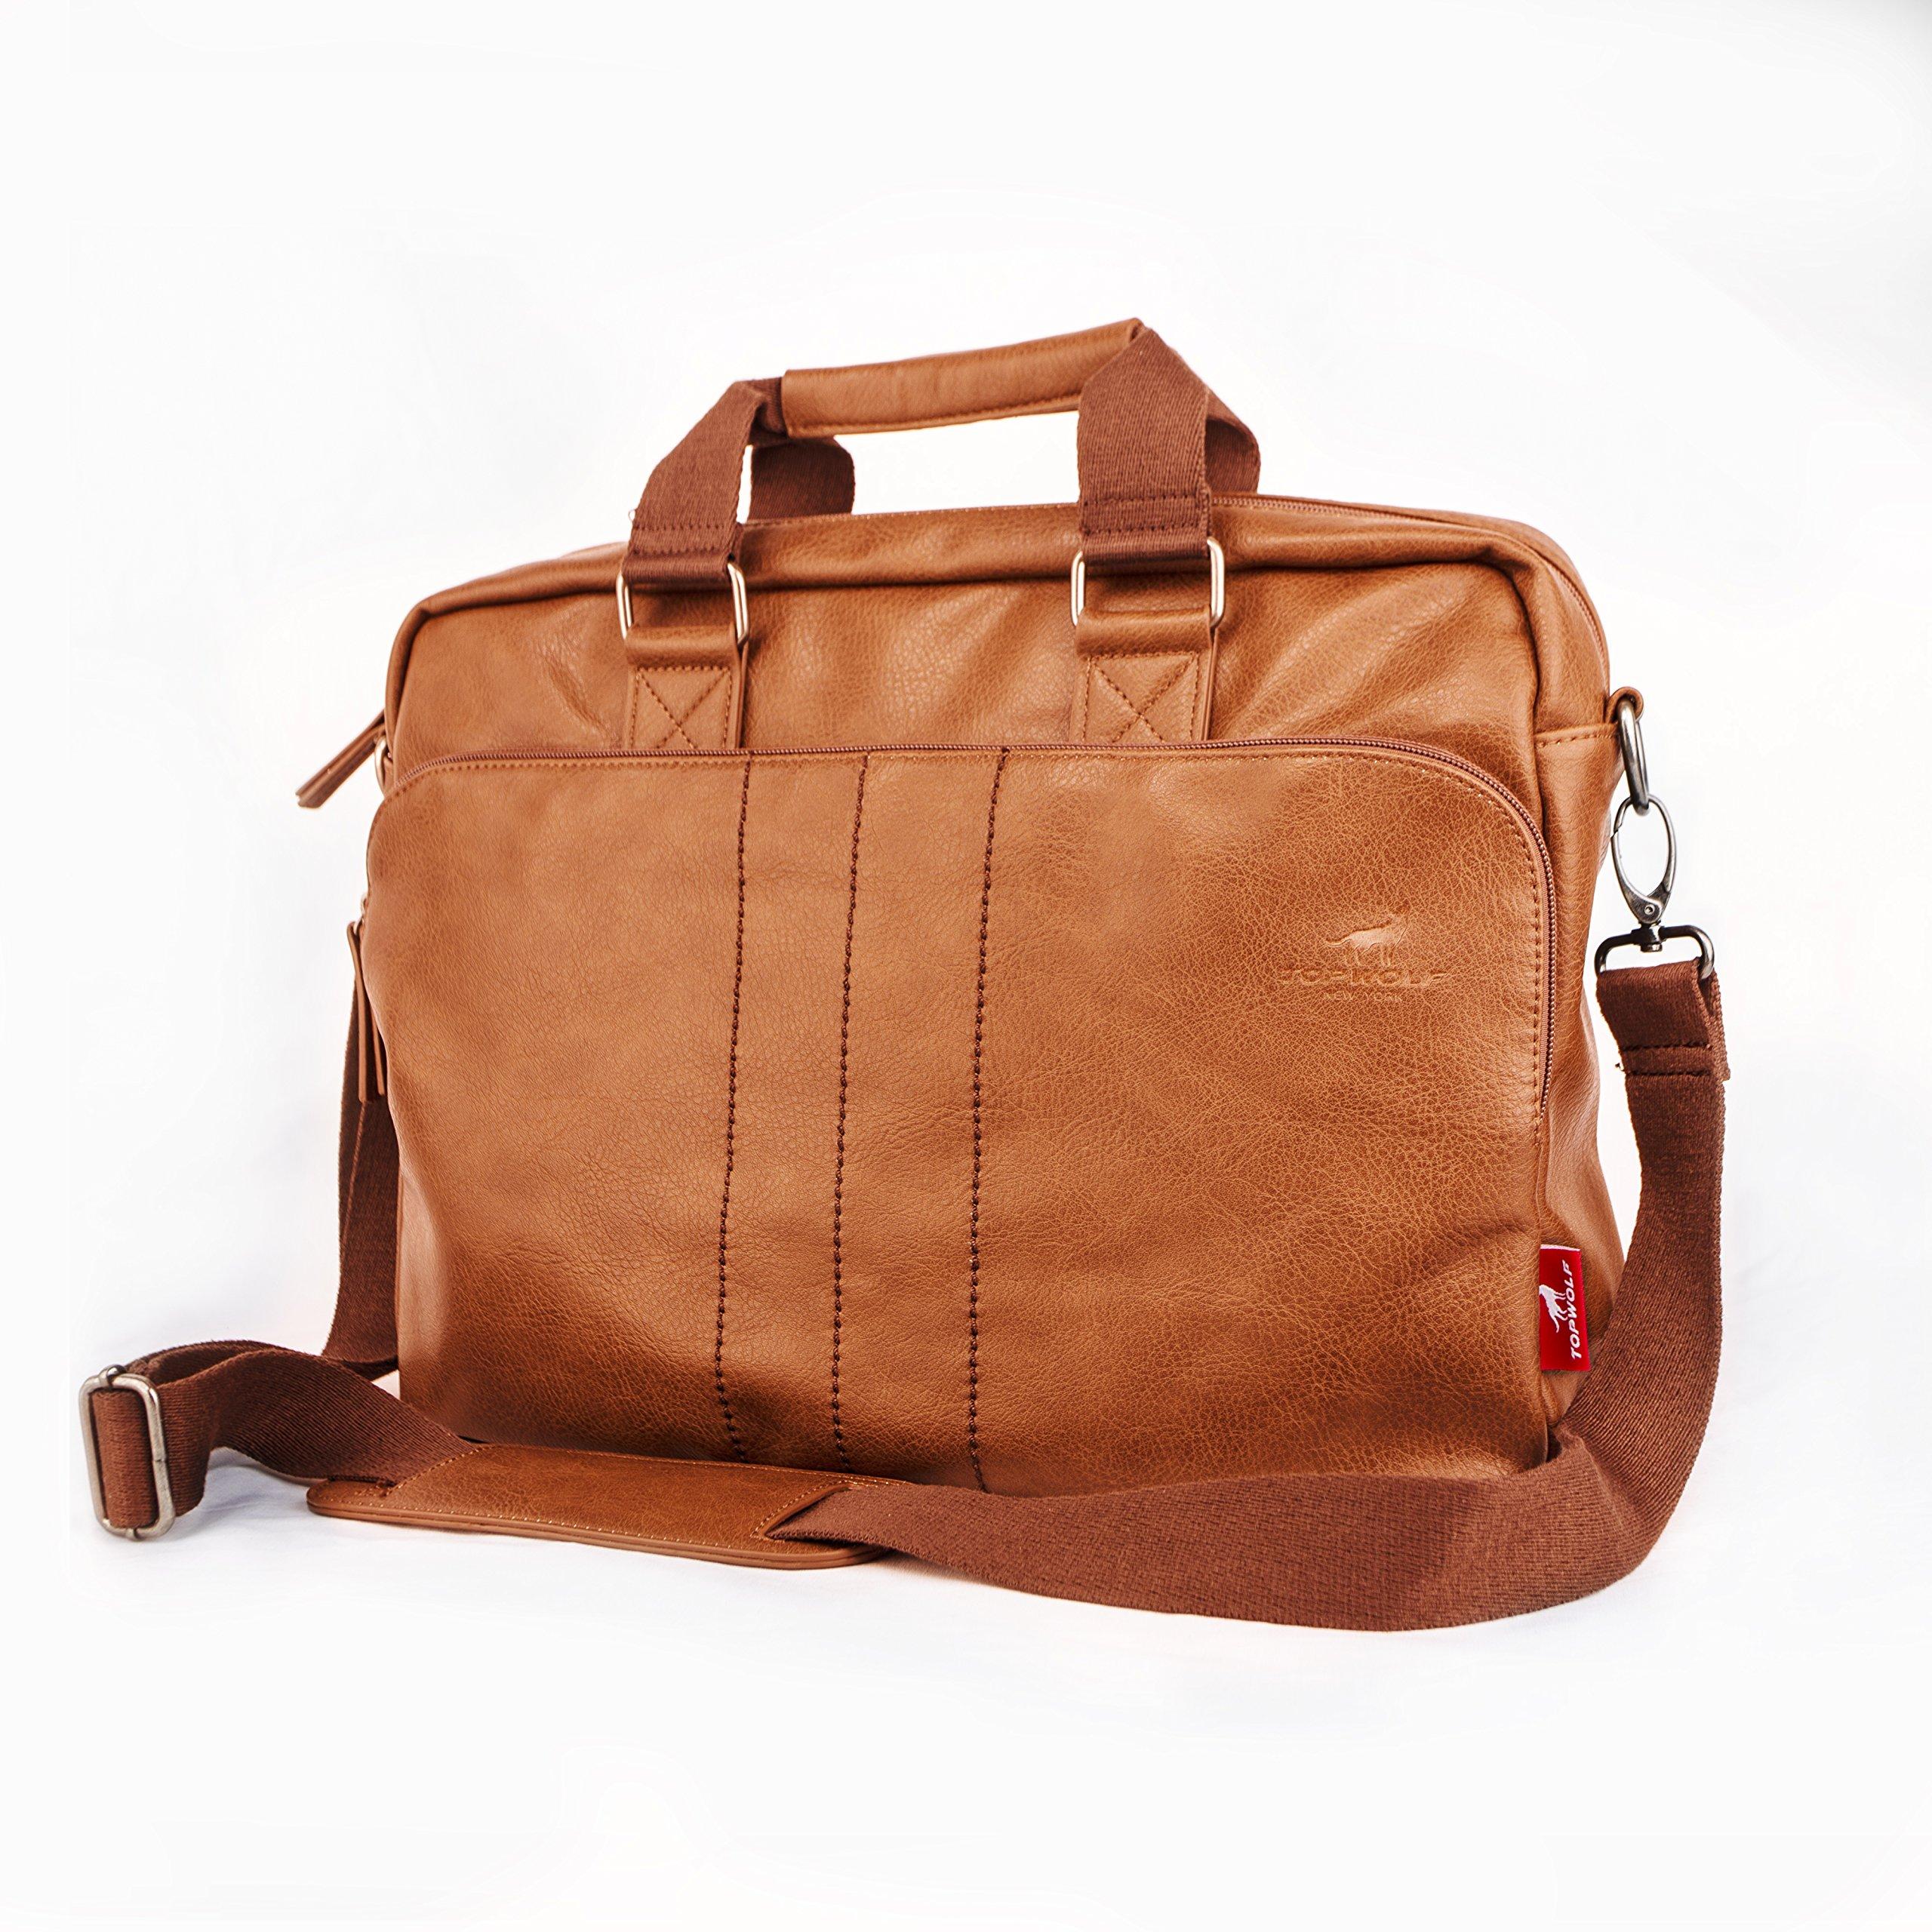 15.6'' PU Leather Laptop Bag Business Briefcase Hand Bag Computer Notebook Office Working Doctor Bag Shoulder Crossbody Bag Handbag